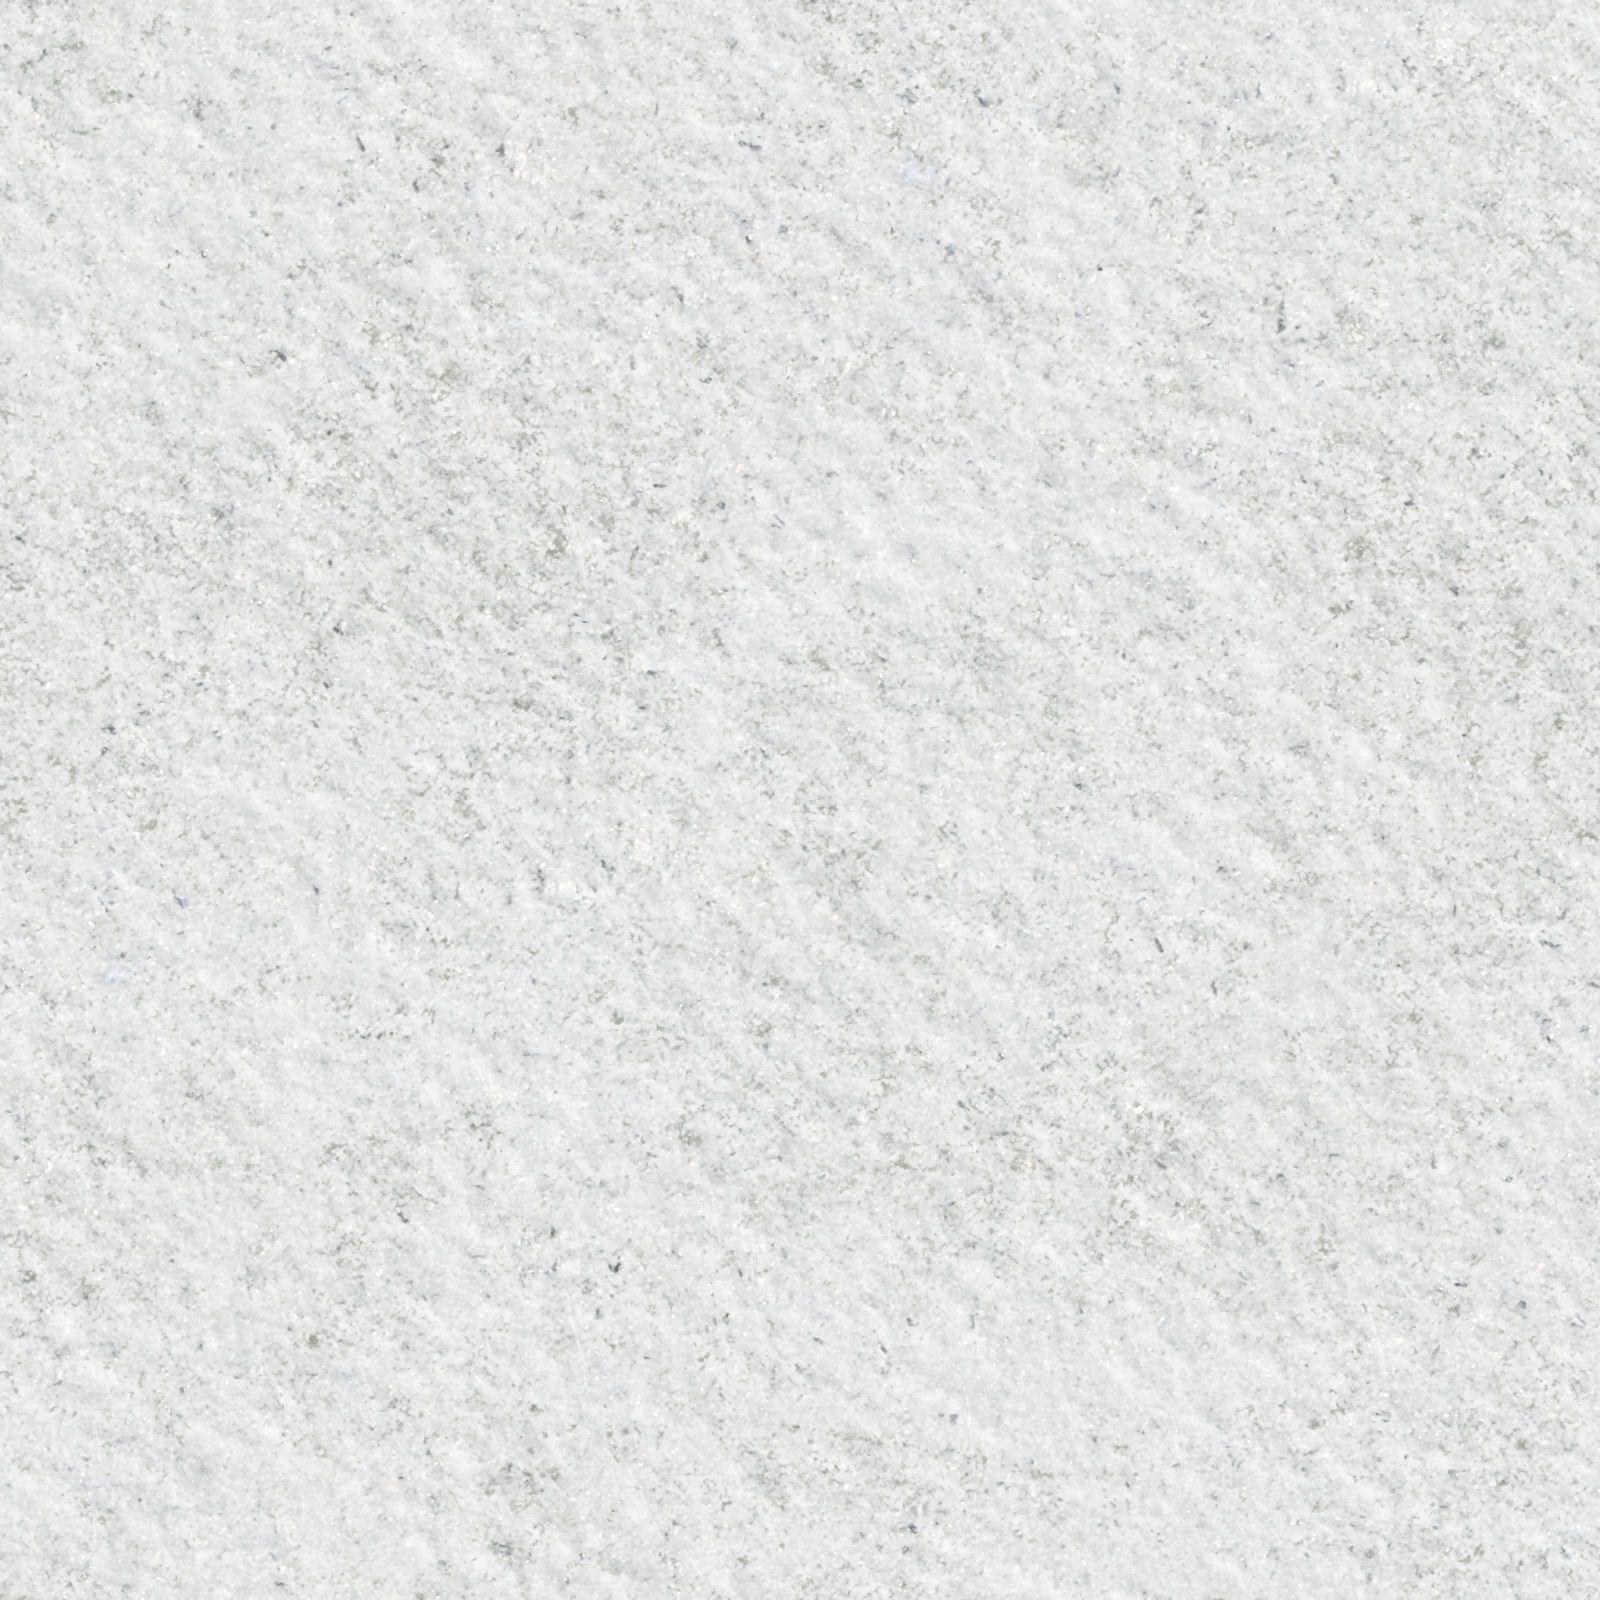 White Carpet Texture Seamlessfree Seamless Textures Free